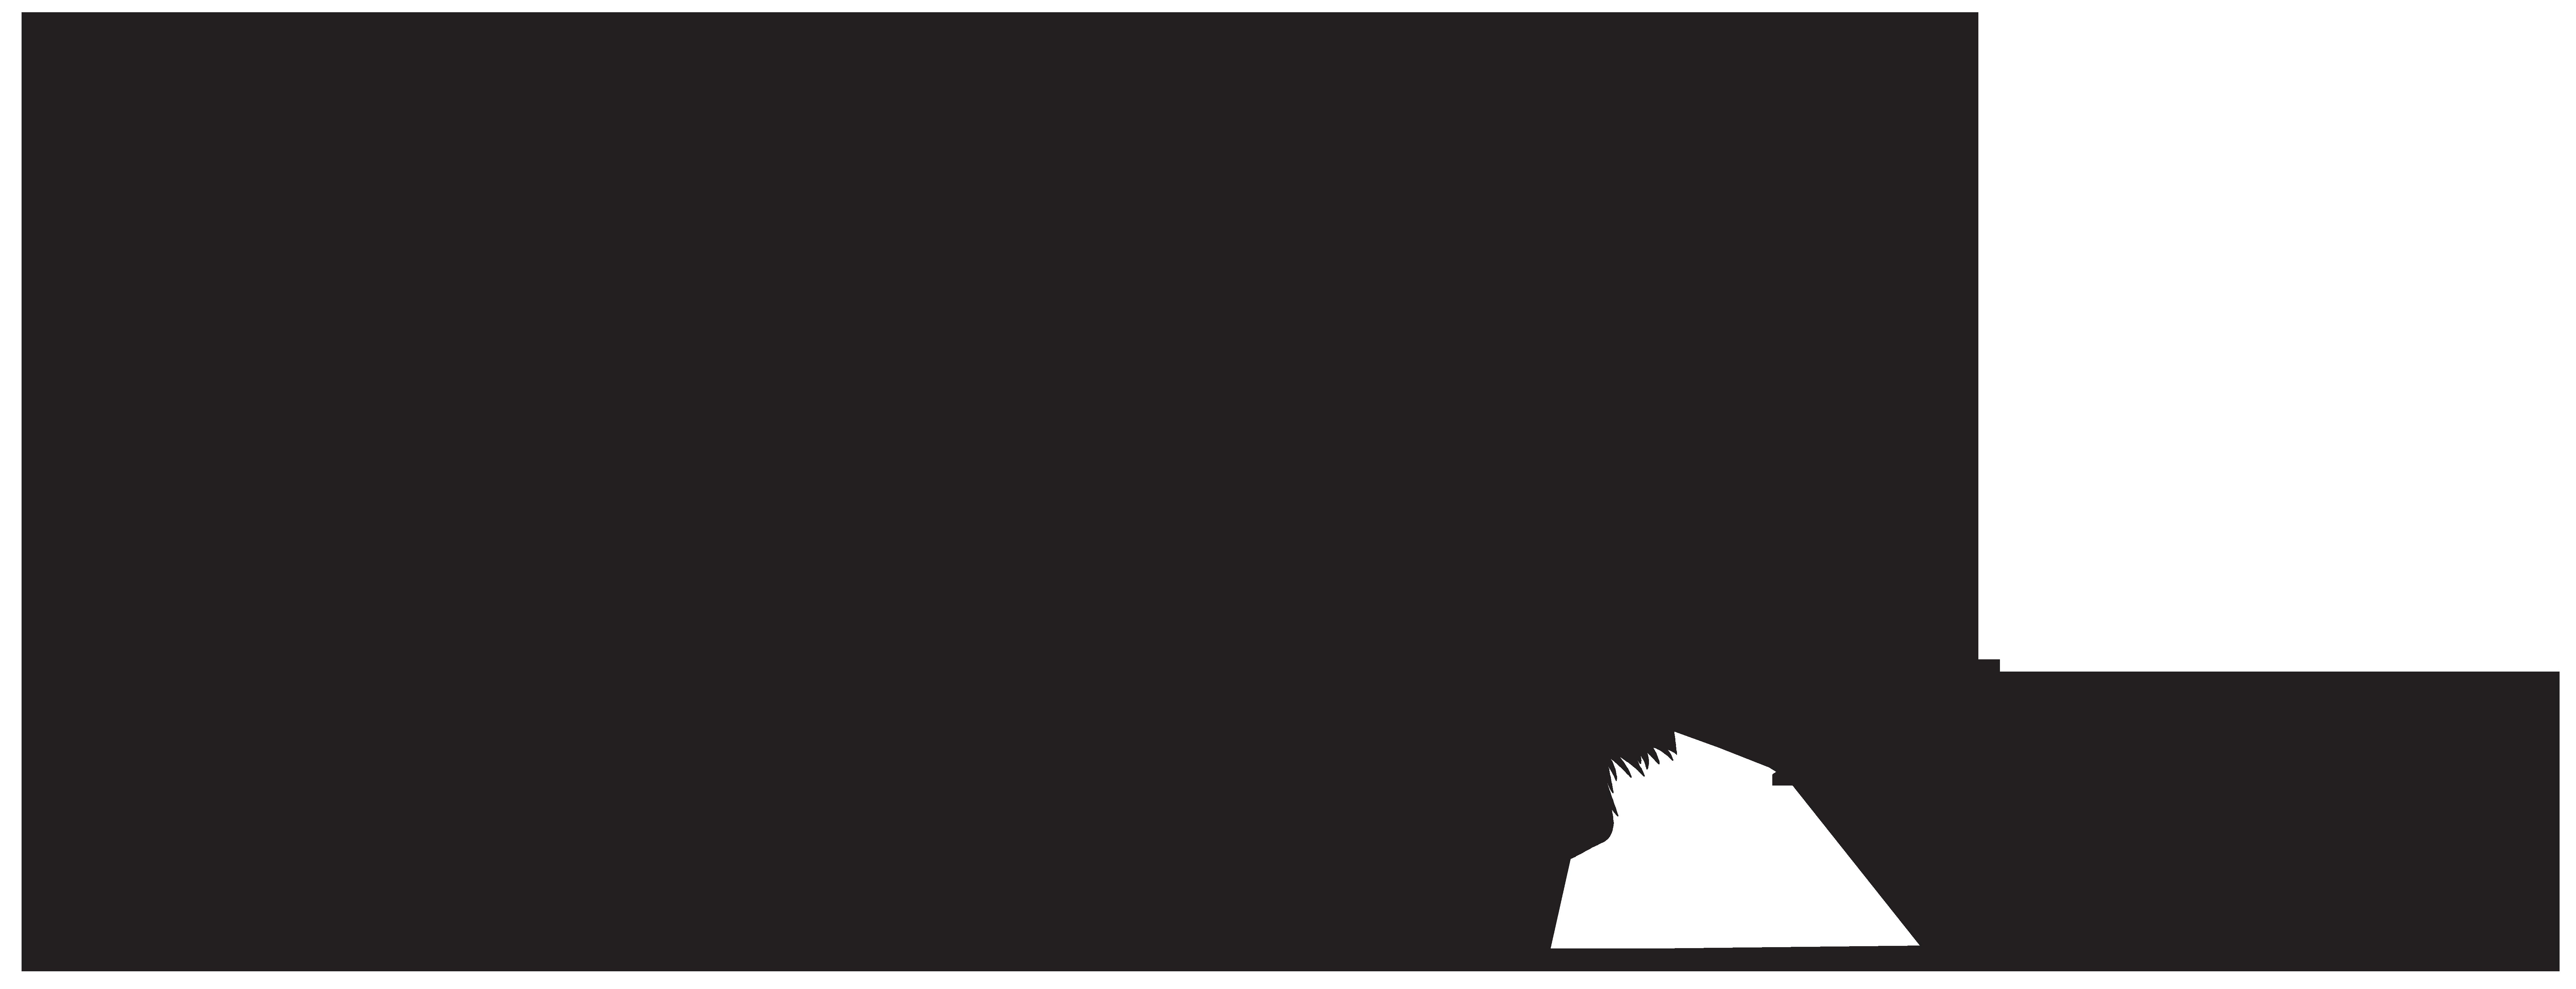 beaver clipart head